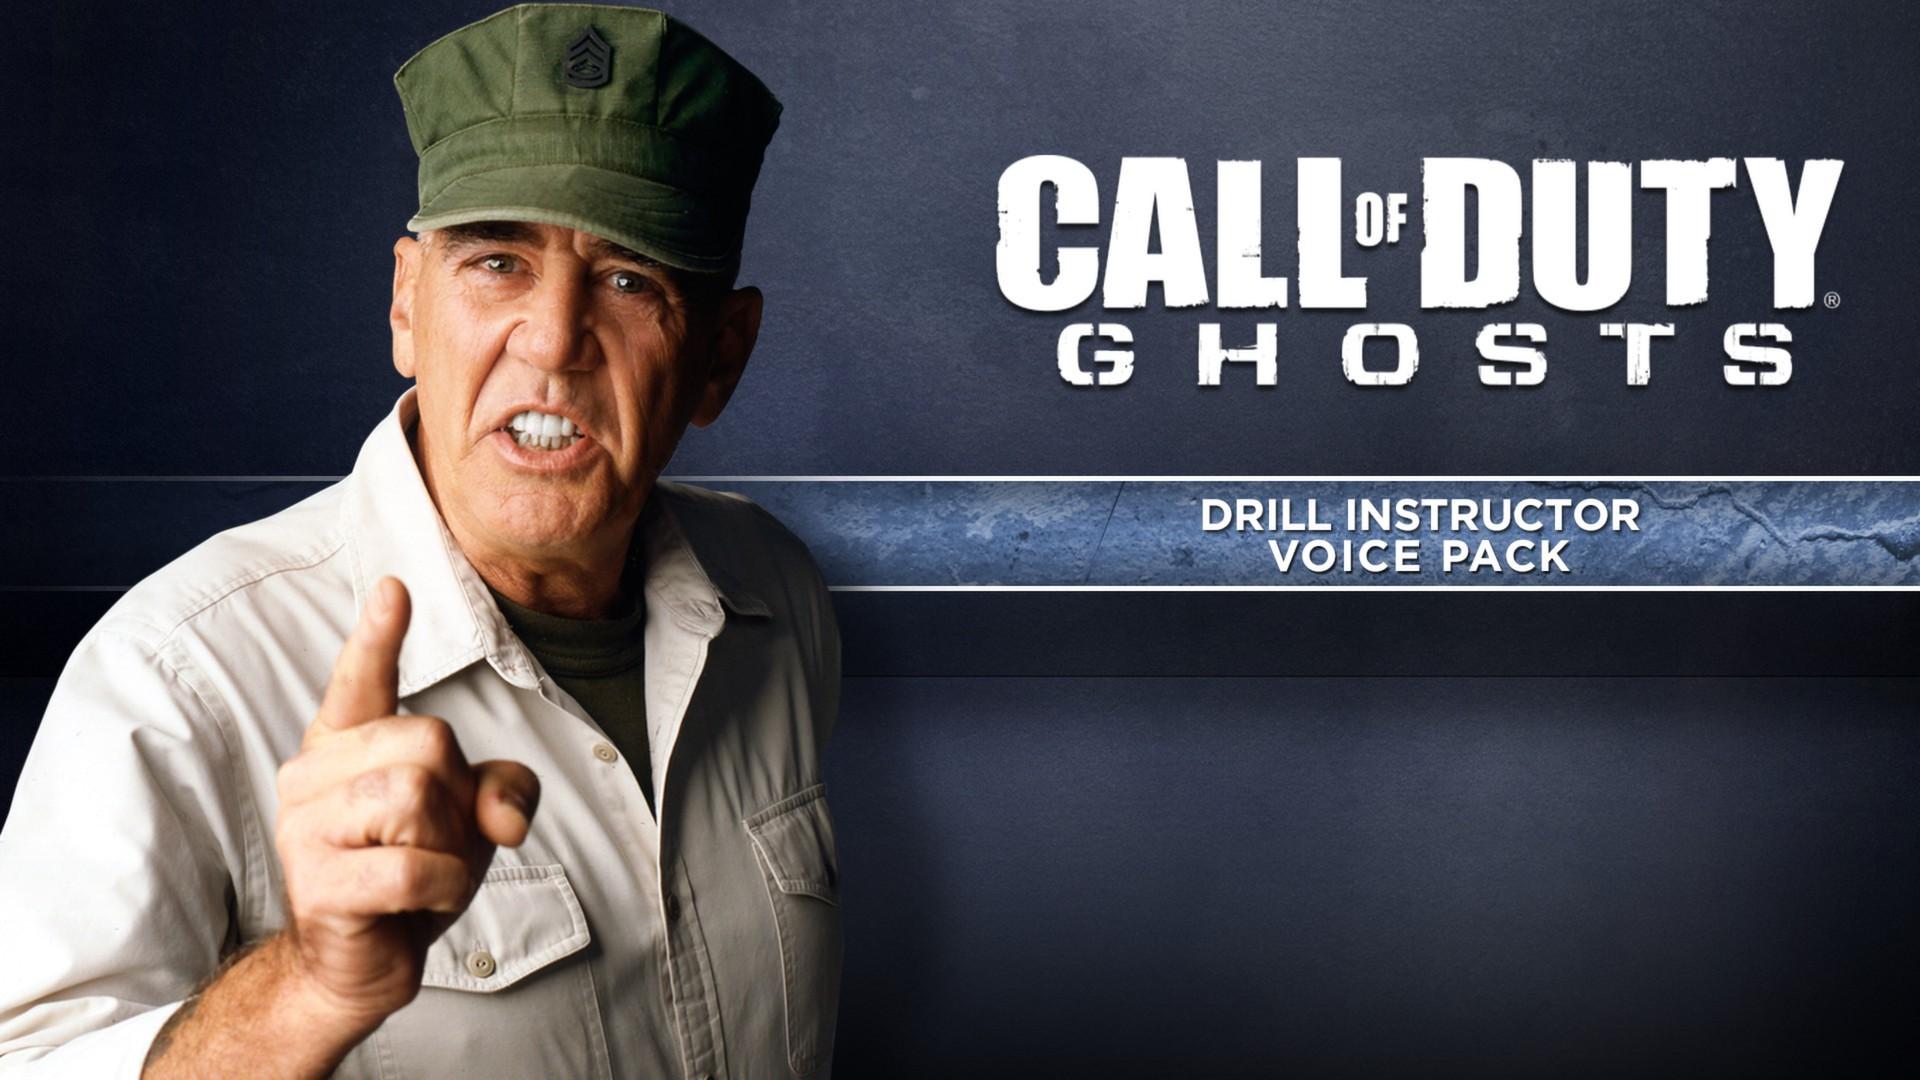 Un instructeur de drill